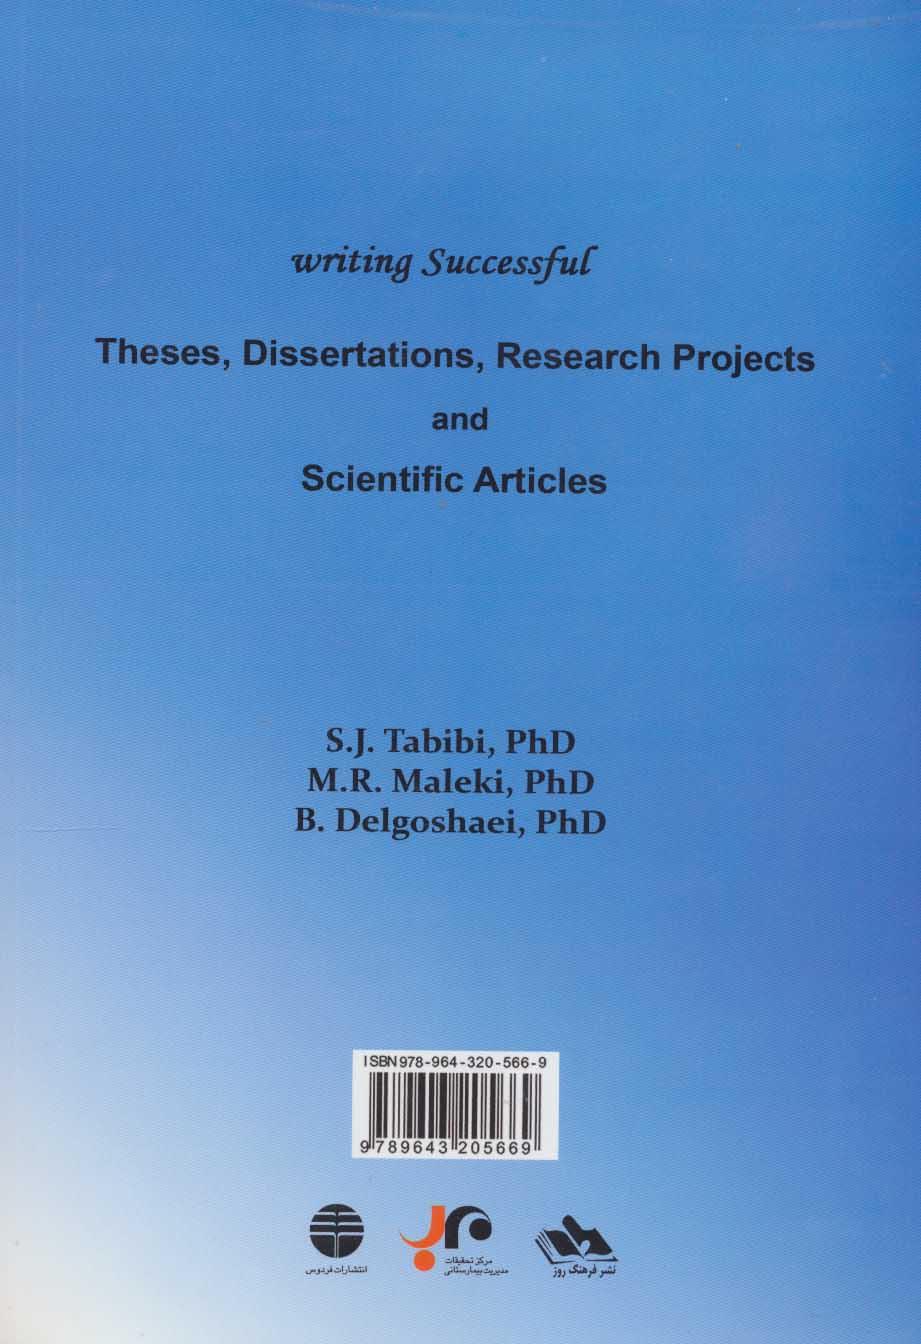 تدوین پایان نامه،رساله،طرح پژوهشی و مقاله علمی